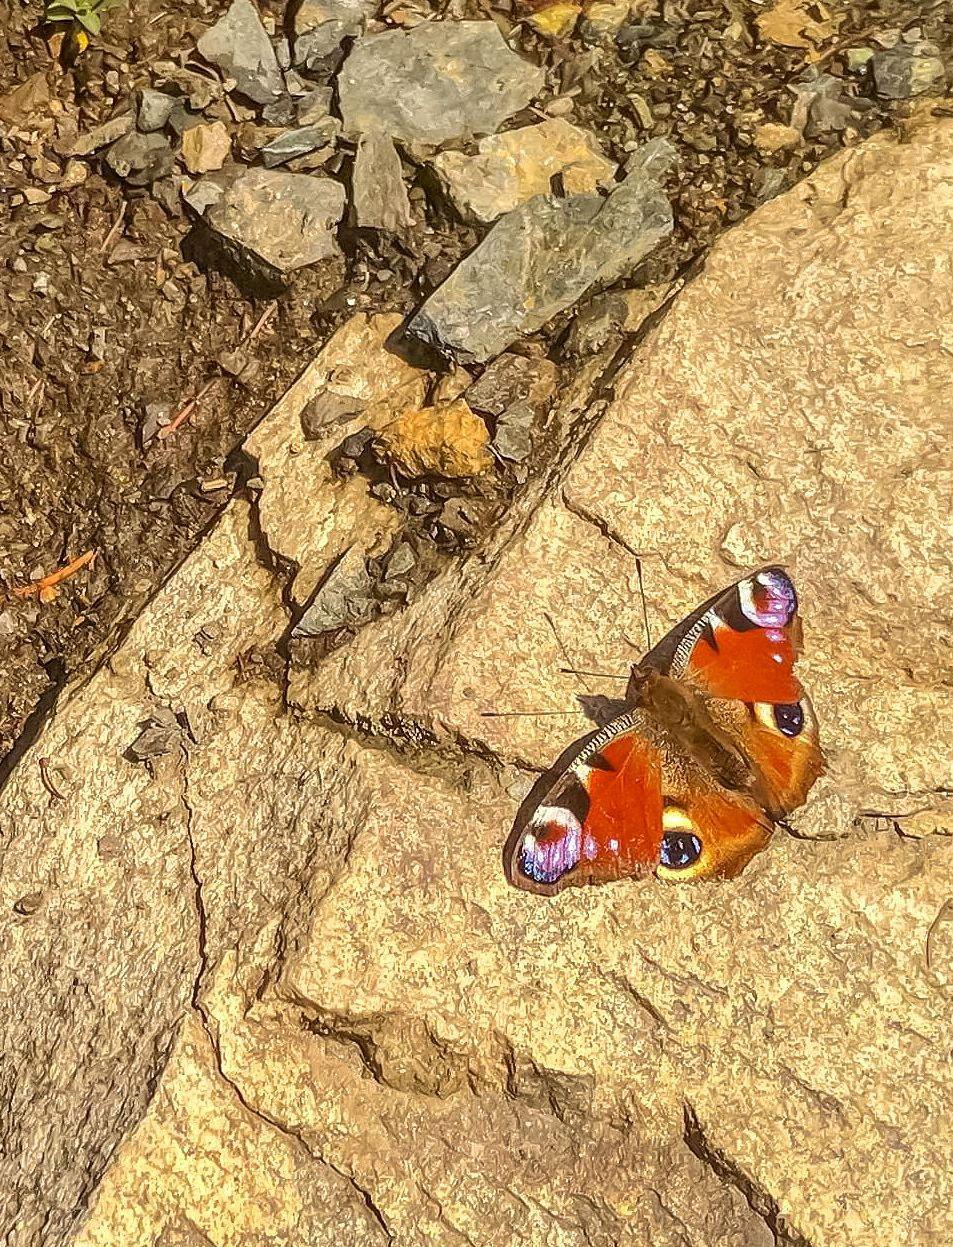 Первая Майская бабочка. Южный Урал Миасс Тургояк природа лес весна Май бабочка